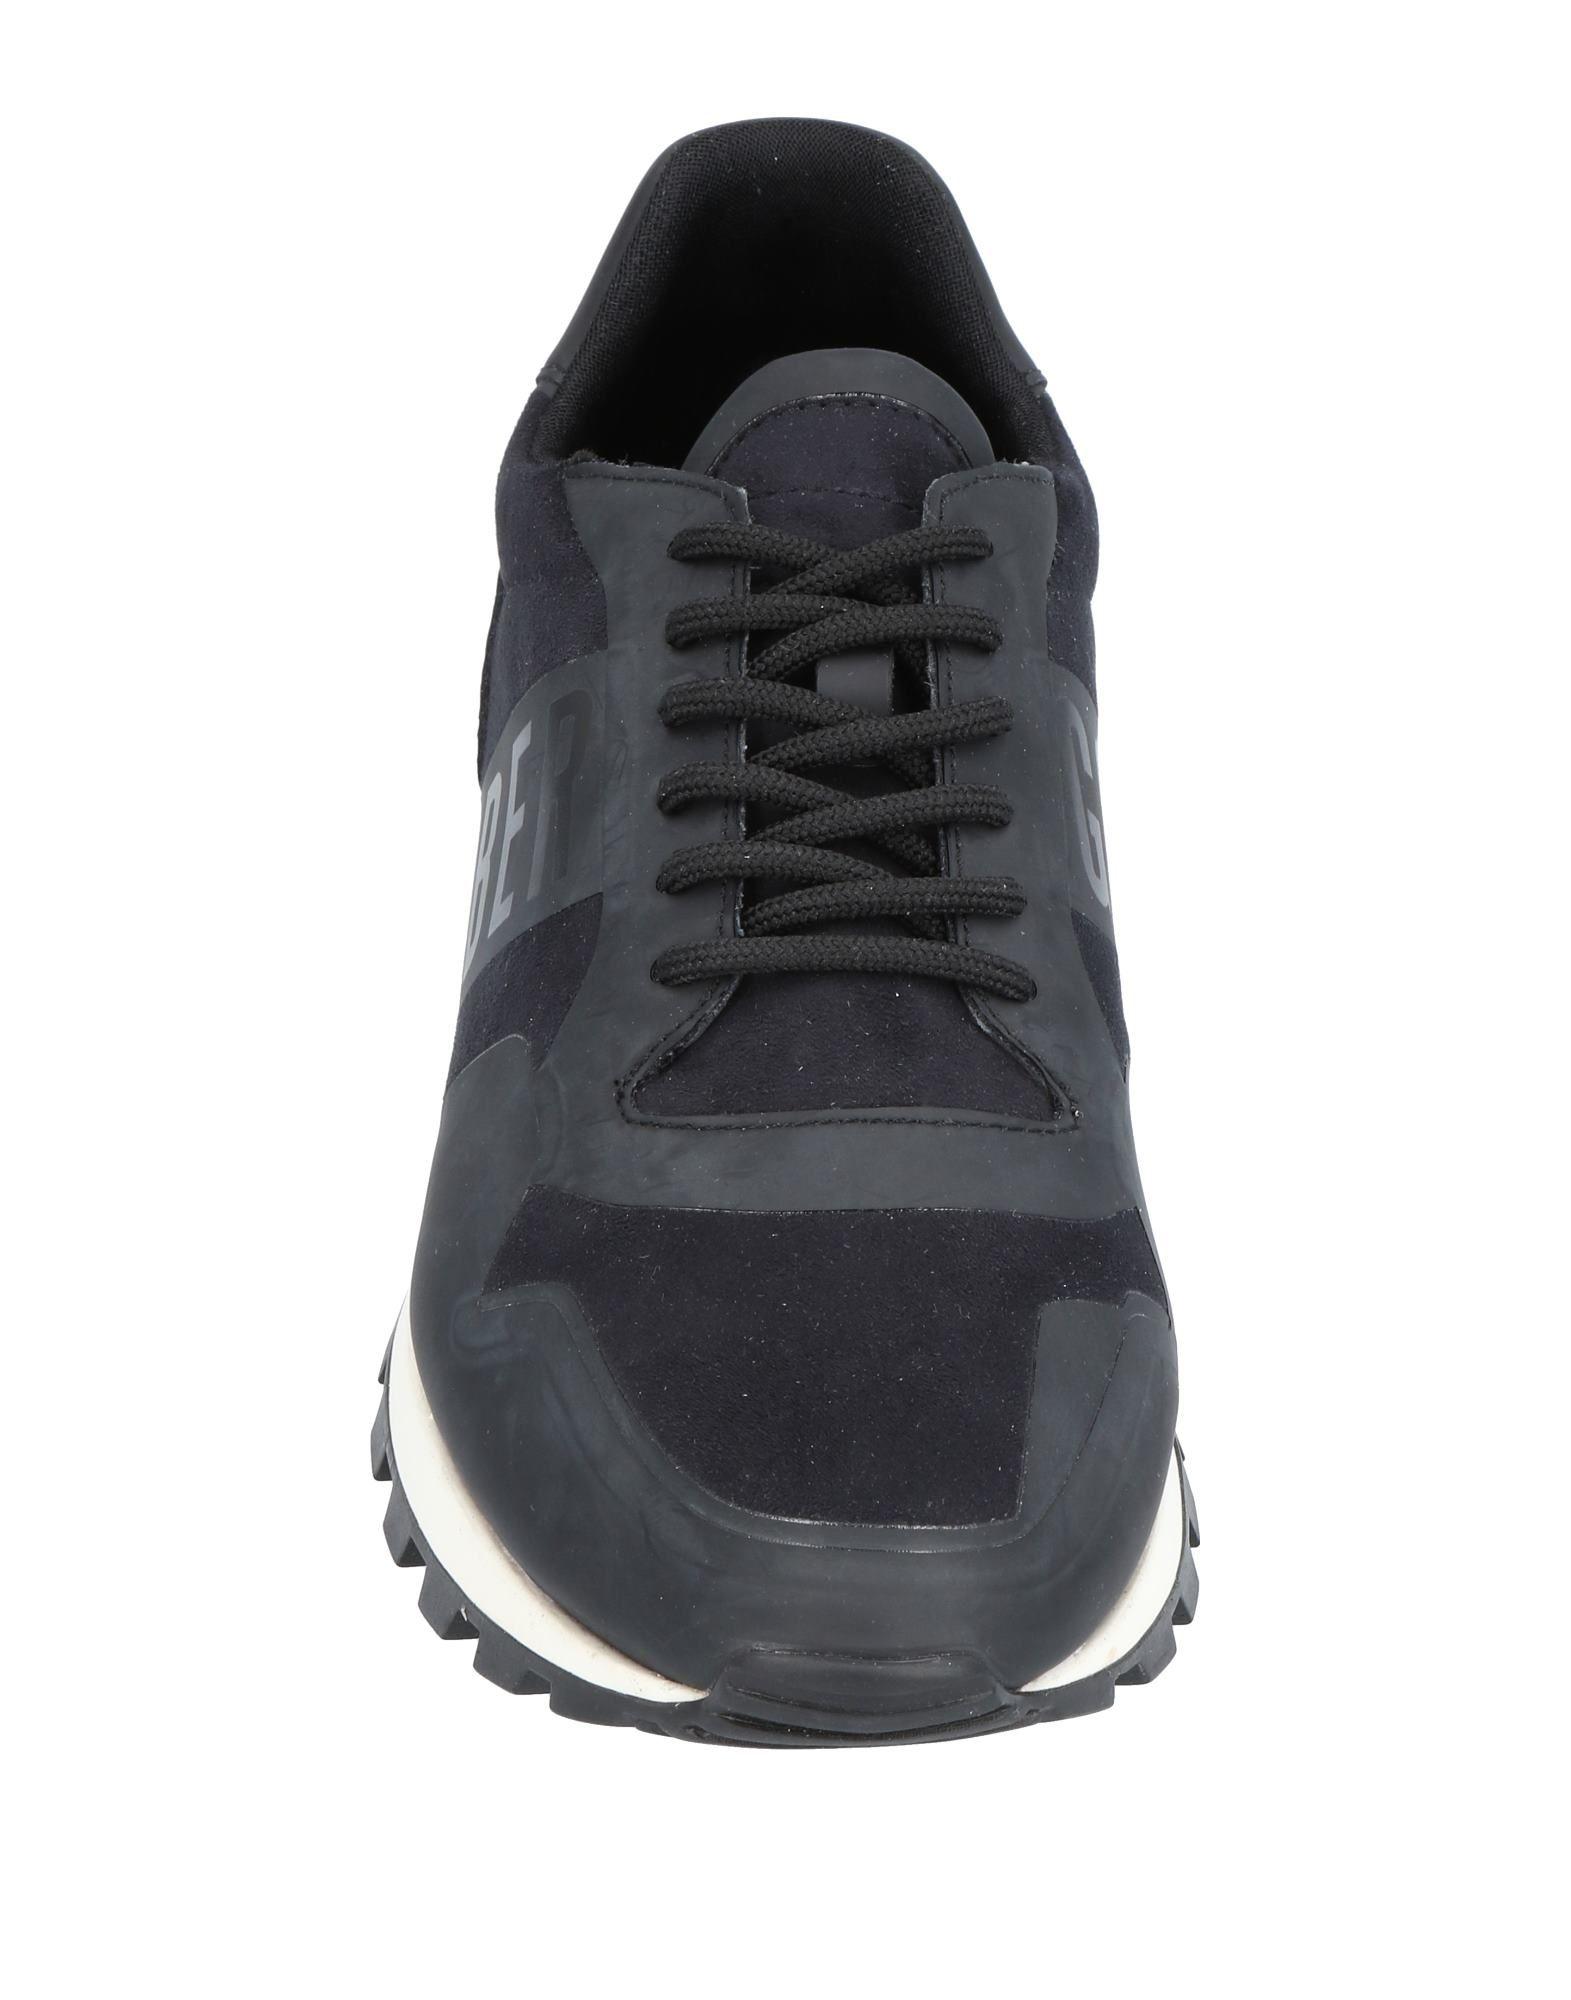 Bikkembergs Sneakers Herren  11449926LP Gute Qualität beliebte Schuhe